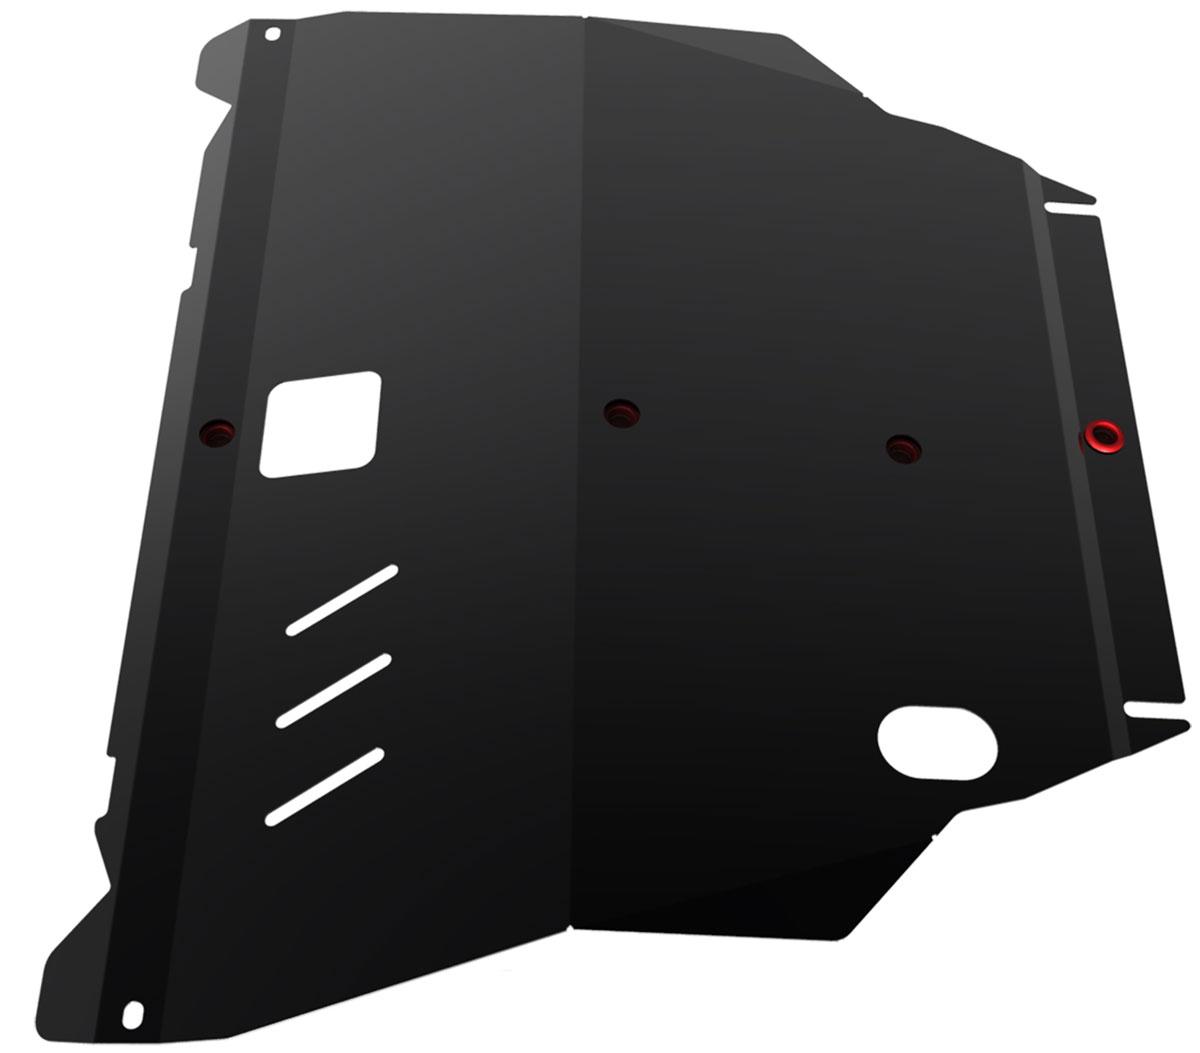 Защита картера и КПП Автоброня, для Nissan X-Trail. 111.04138.1111.04138.1Технологически совершенный продукт за невысокую стоимость. Защита разработана с учетом особенностей днища автомобиля, что позволяет сохранить дорожный просвет с минимальным изменением. Защита устанавливается в штатные места кузова автомобиля. Глубокий штамп обеспечивает до двух раз больше жесткости в сравнении с обычной защитой той же толщины. Проштампованные ребра жесткости препятствуют деформации защиты при ударах. Тепловой зазор и вентиляционные отверстия обеспечивают сохранение температурного режима двигателя в норме. Скрытый крепеж предотвращает срыв крепежных элементов при наезде на препятствие. Шумопоглощающие резиновые элементы обеспечивают комфортную езду без вибраций и скрежета металла, а съемные лючки для слива масла и замены фильтра - экономию средств и время. Конструкция изделия не влияет на пассивную безопасность автомобиля (при ударе защита не воздействует на деформационные зоны кузова). Со штатным крепежом. В комплекте инструкция по...